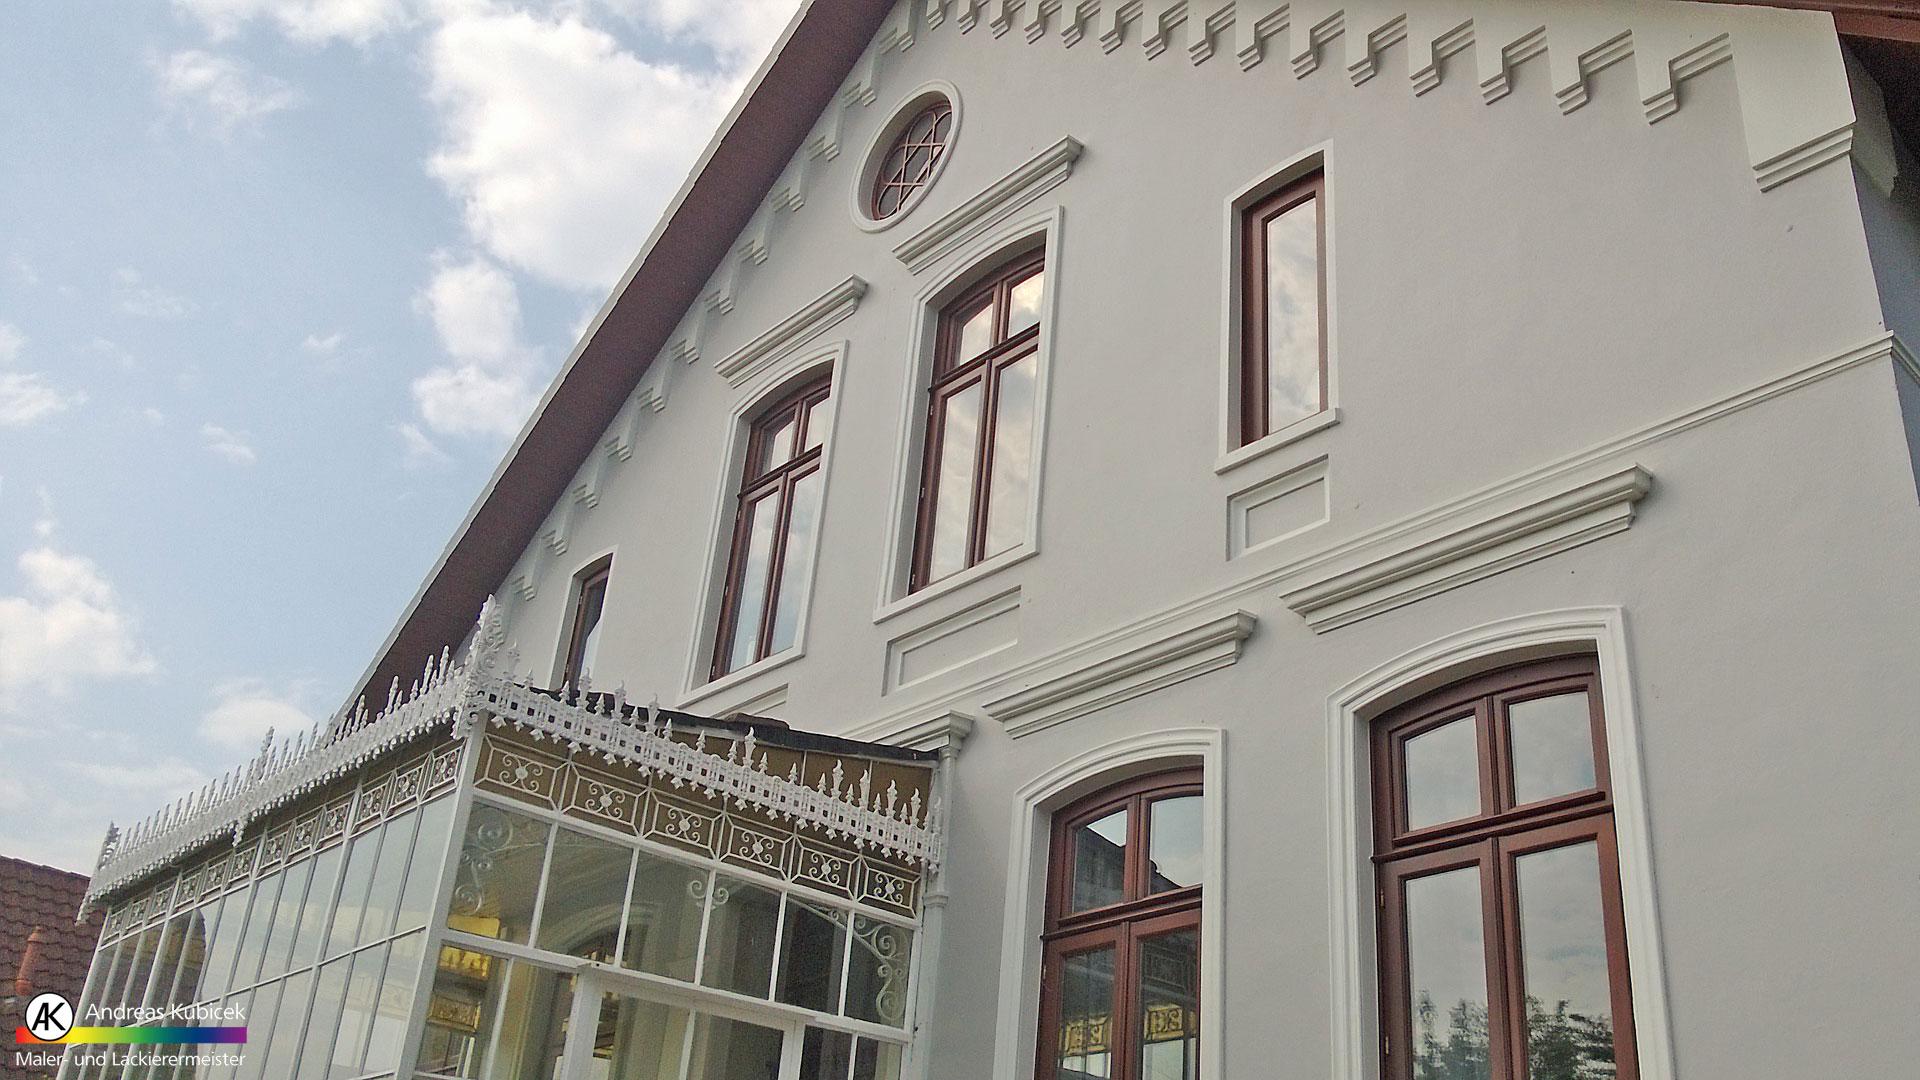 Fassadensanierung und Fassadenrenovierung in Bremen 08